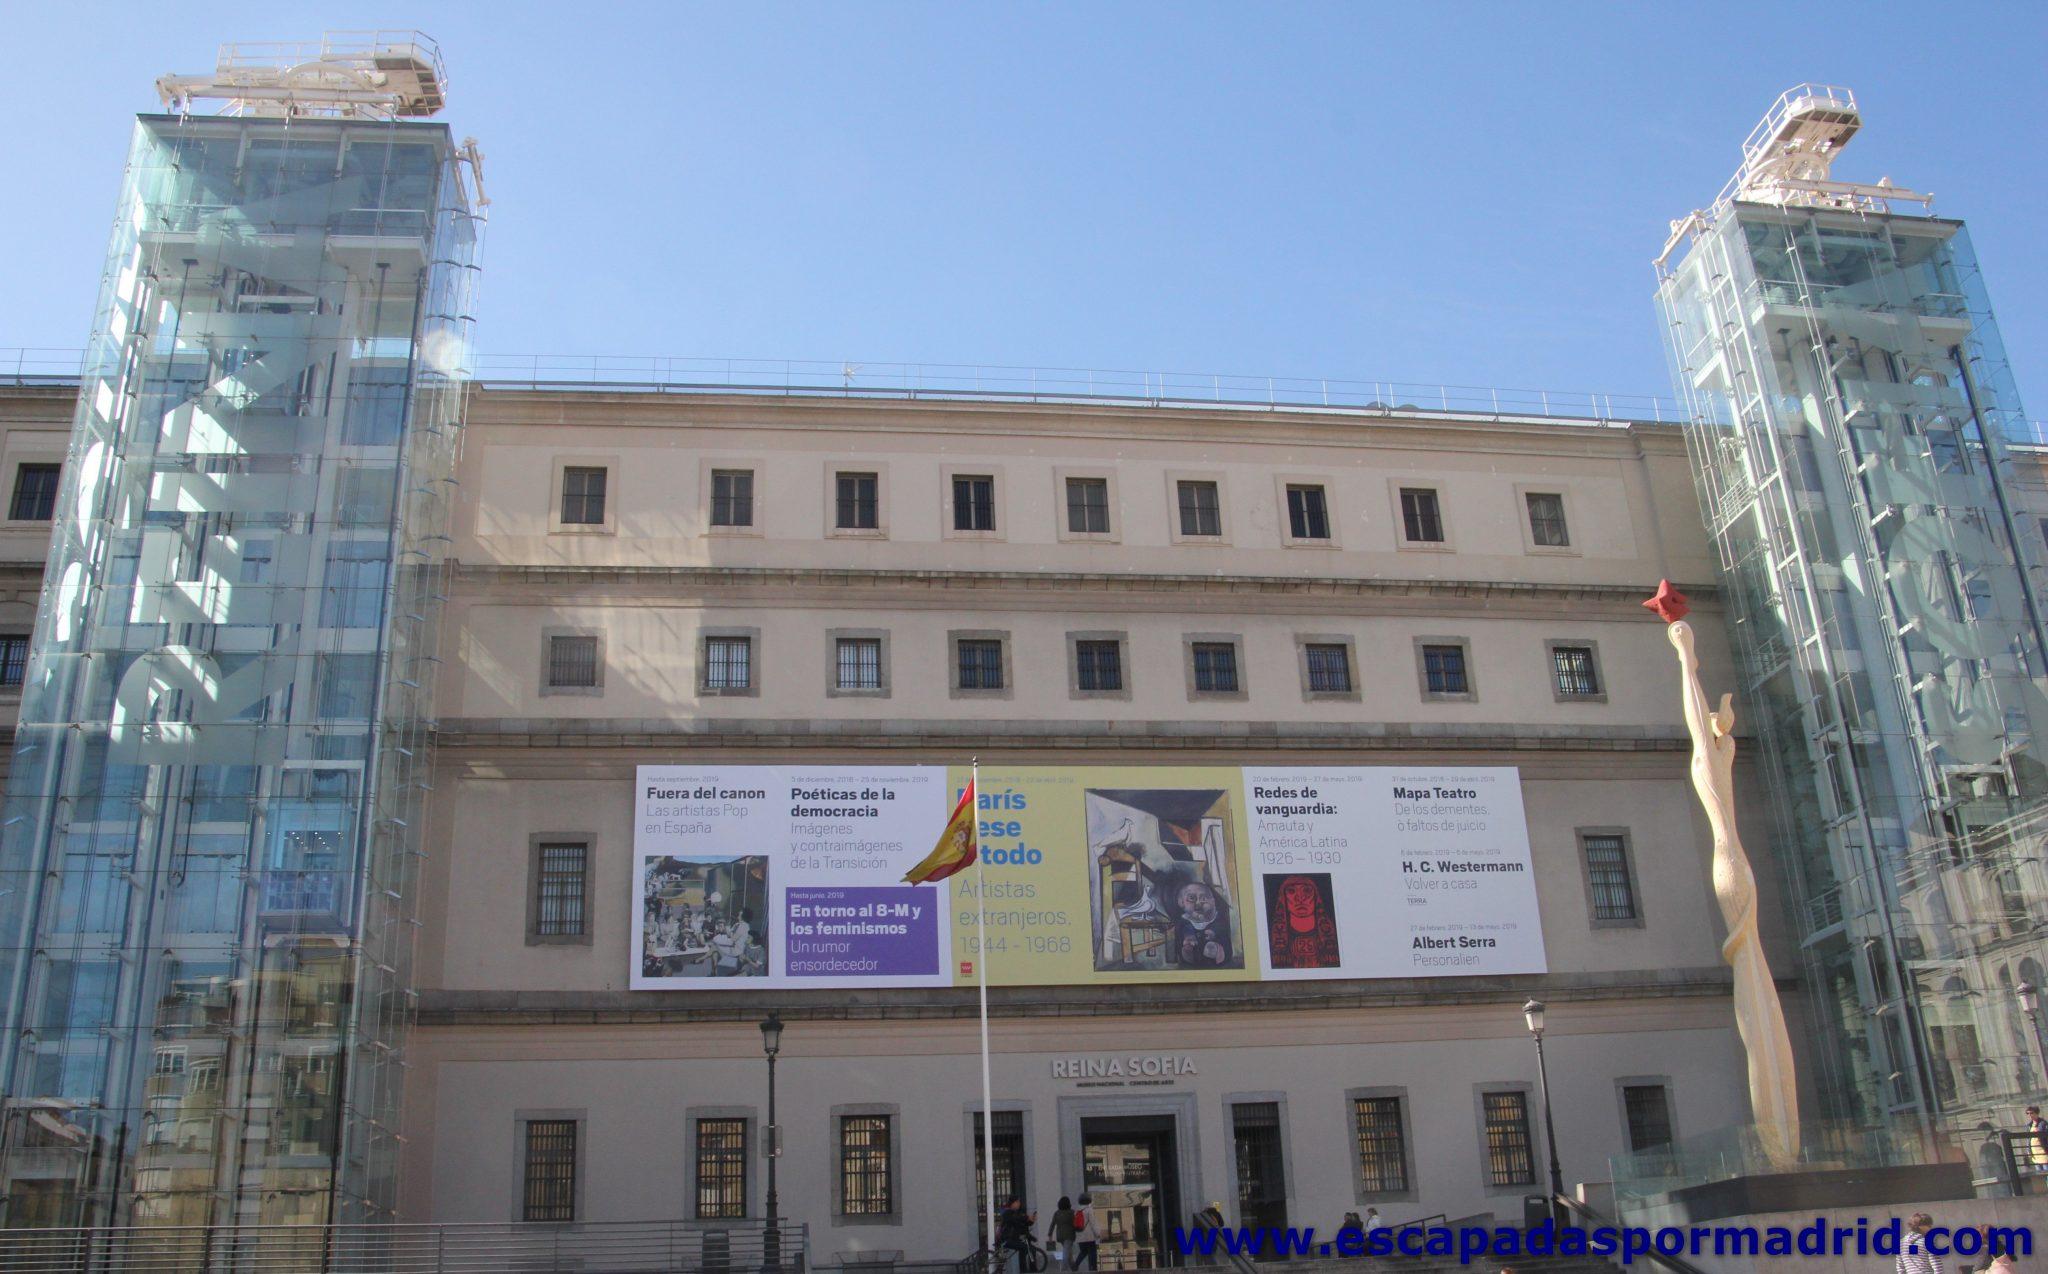 foto de entrada al Museo Reina Sofía